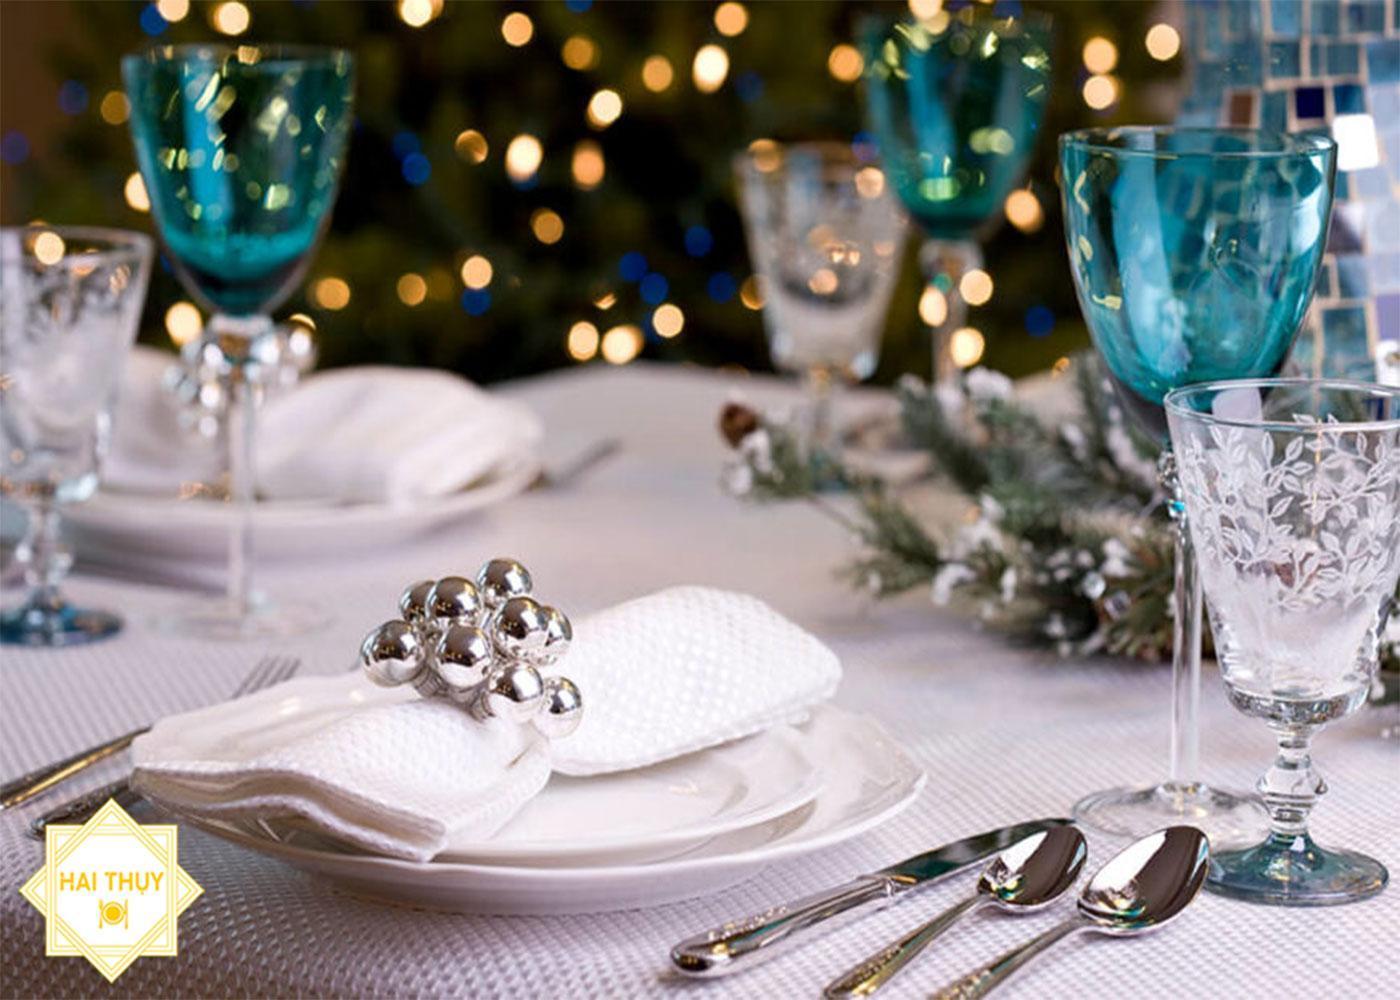 Nâng niu sự hài lòng của bạn với dịch vụ đặt nấu tiệc tại nhà Hai Thụy Catering